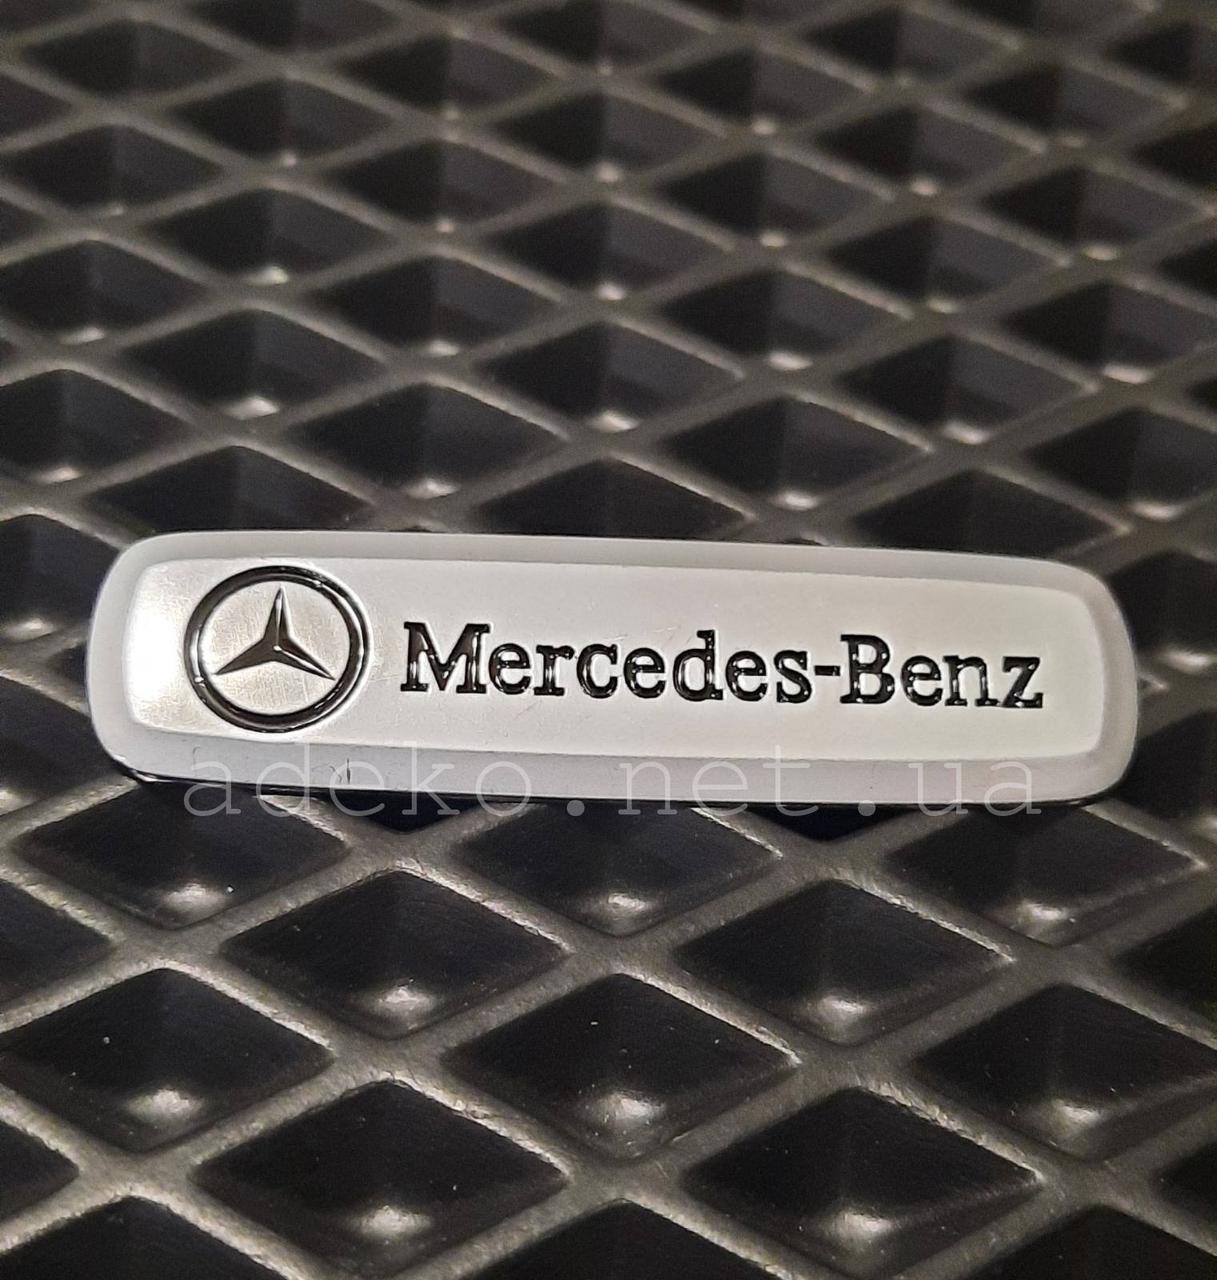 Автомобільний логотип Mercedes-Benz шильдик на авто килимок,